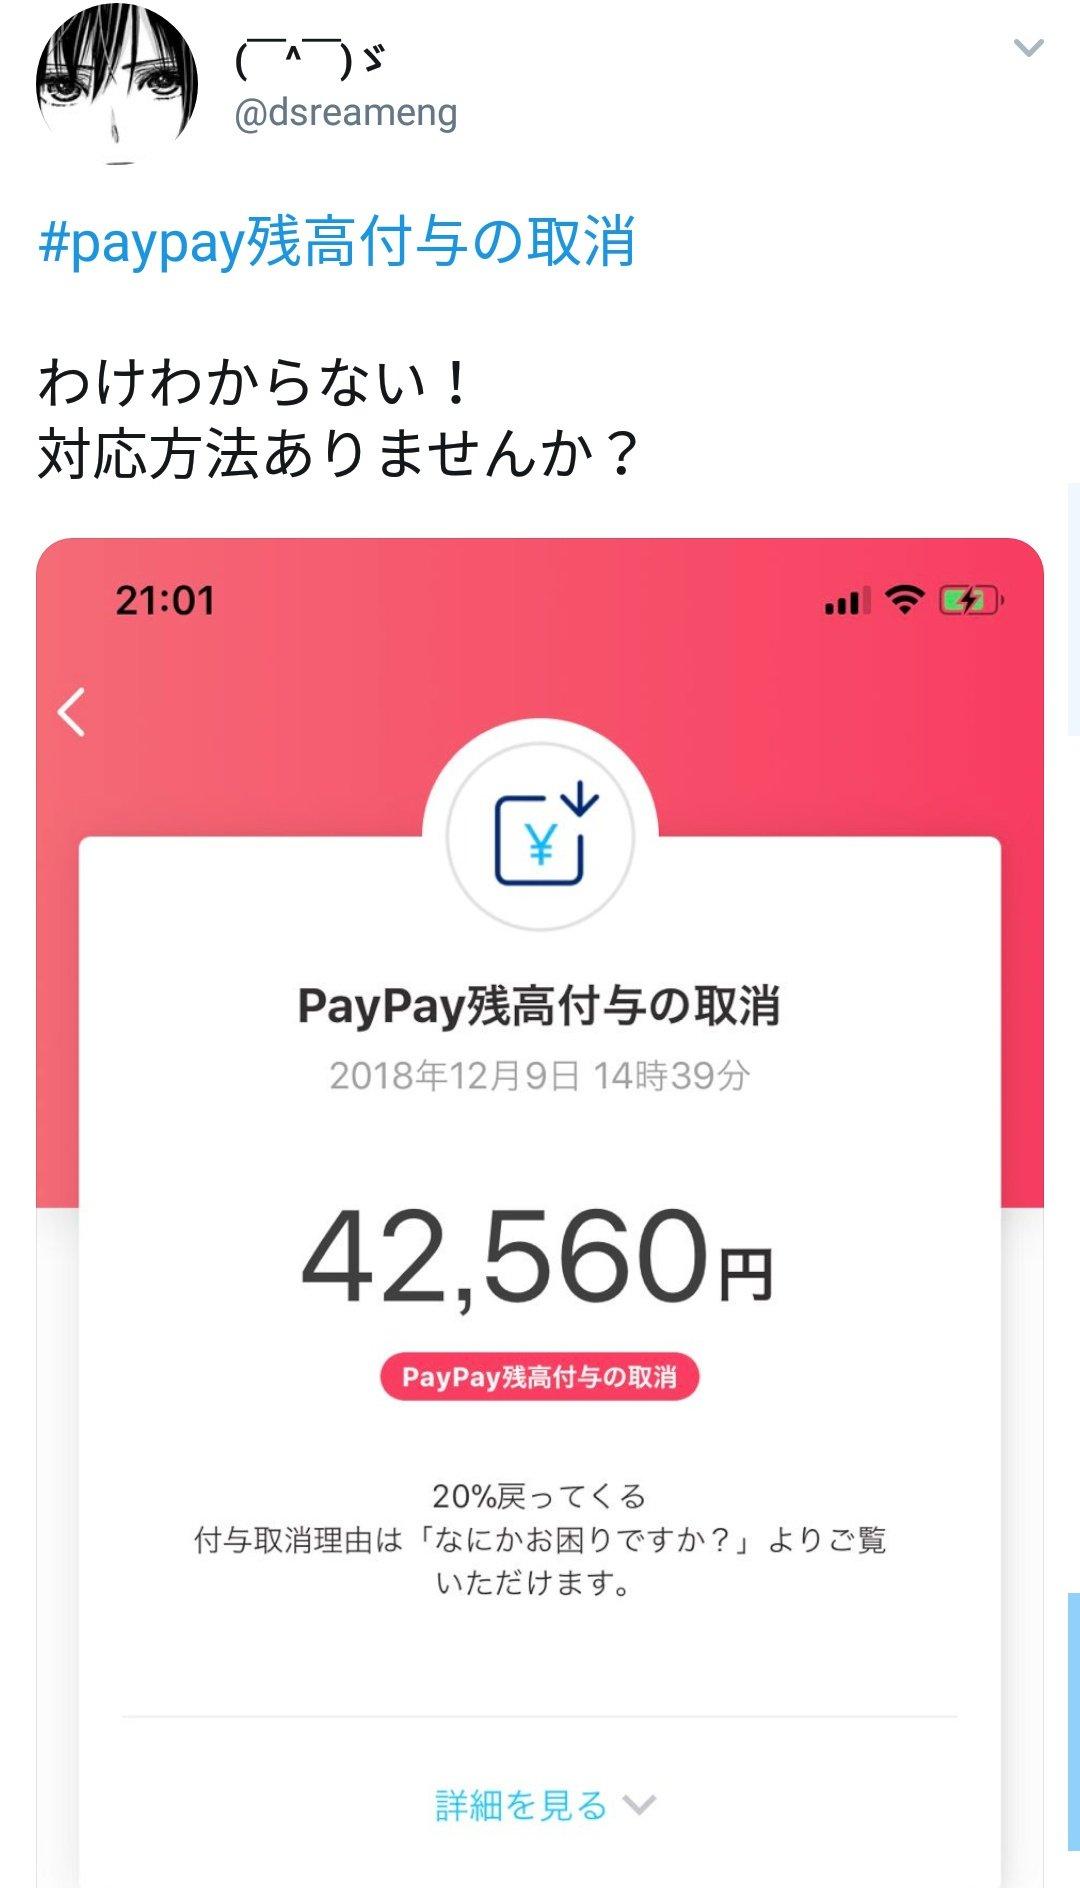 """画像,【悲報】""""100億円あげちゃうキャンペーン""""の還元が本日スタートしたPayPay…21時頃より「PayPay残高付与の取消」報告が相次ぎ、&…"""